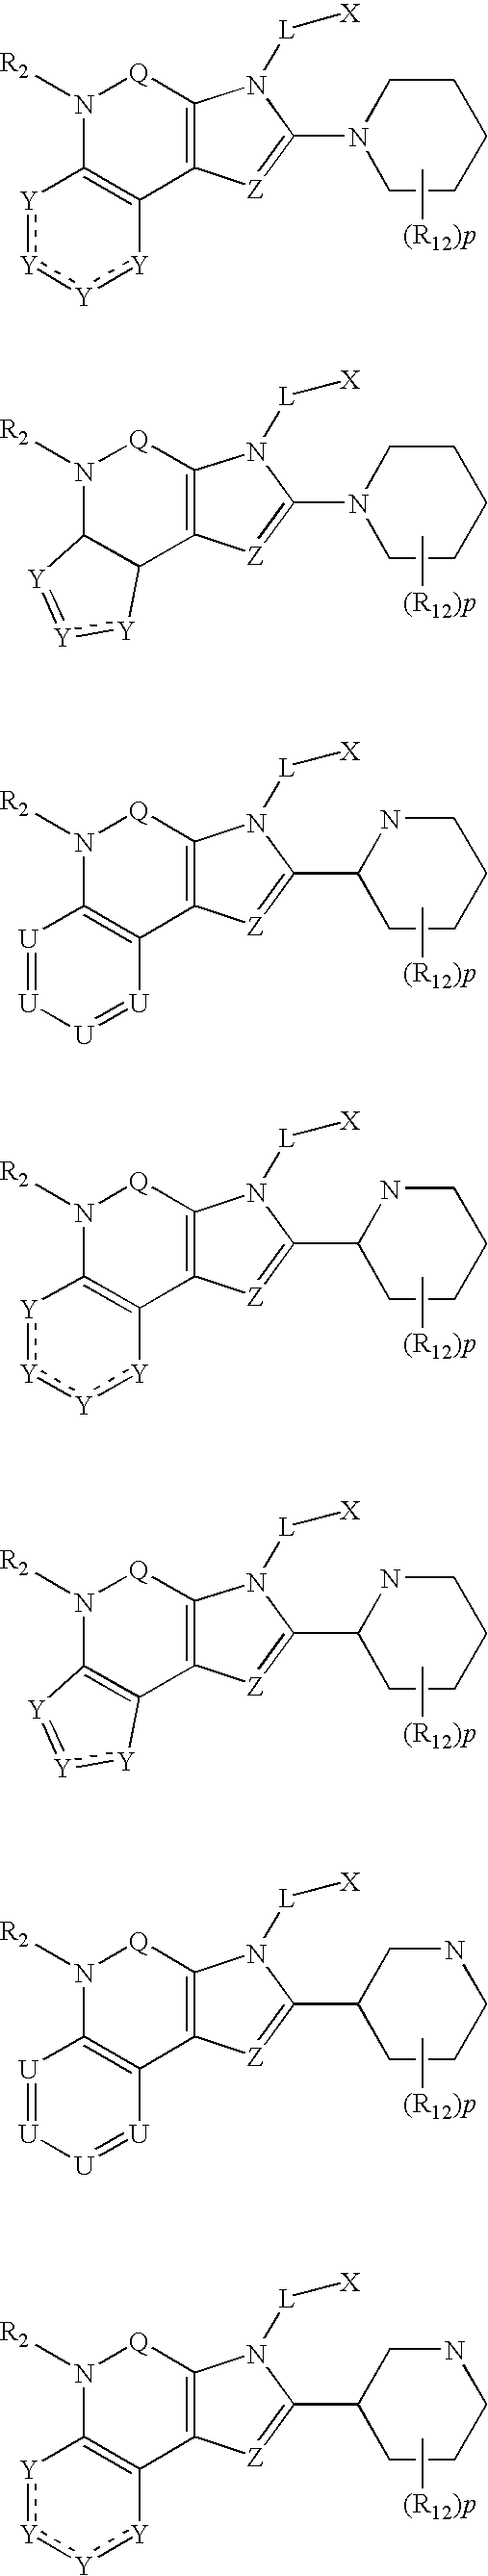 Figure US07678909-20100316-C00023